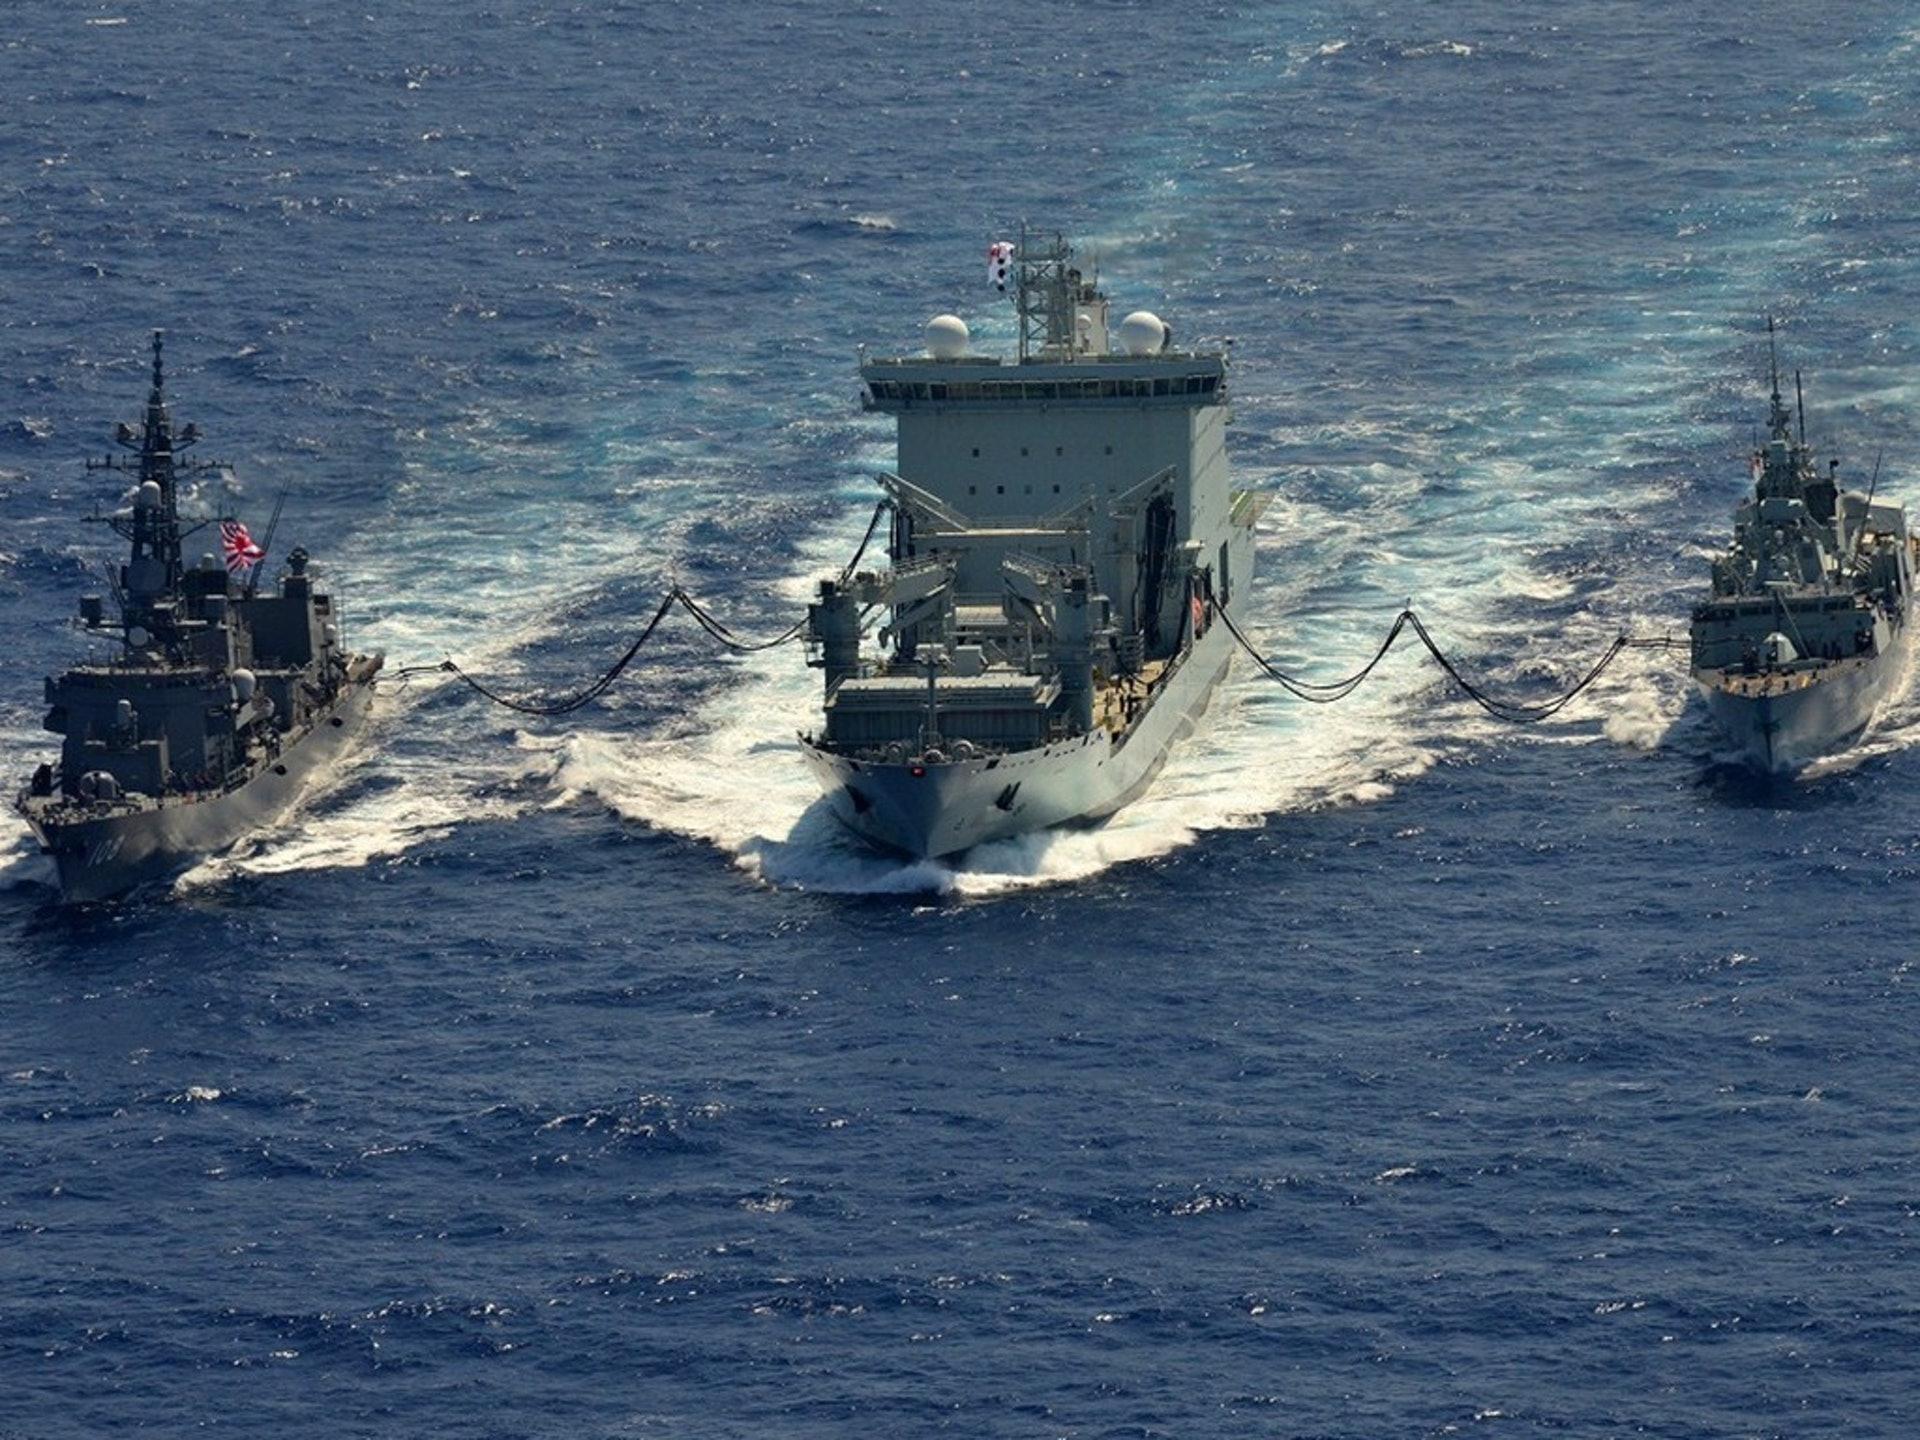 美軍艦穿越台灣海峽反華議員警告北京攻台必遭軍事打擊 香港01 即時國際